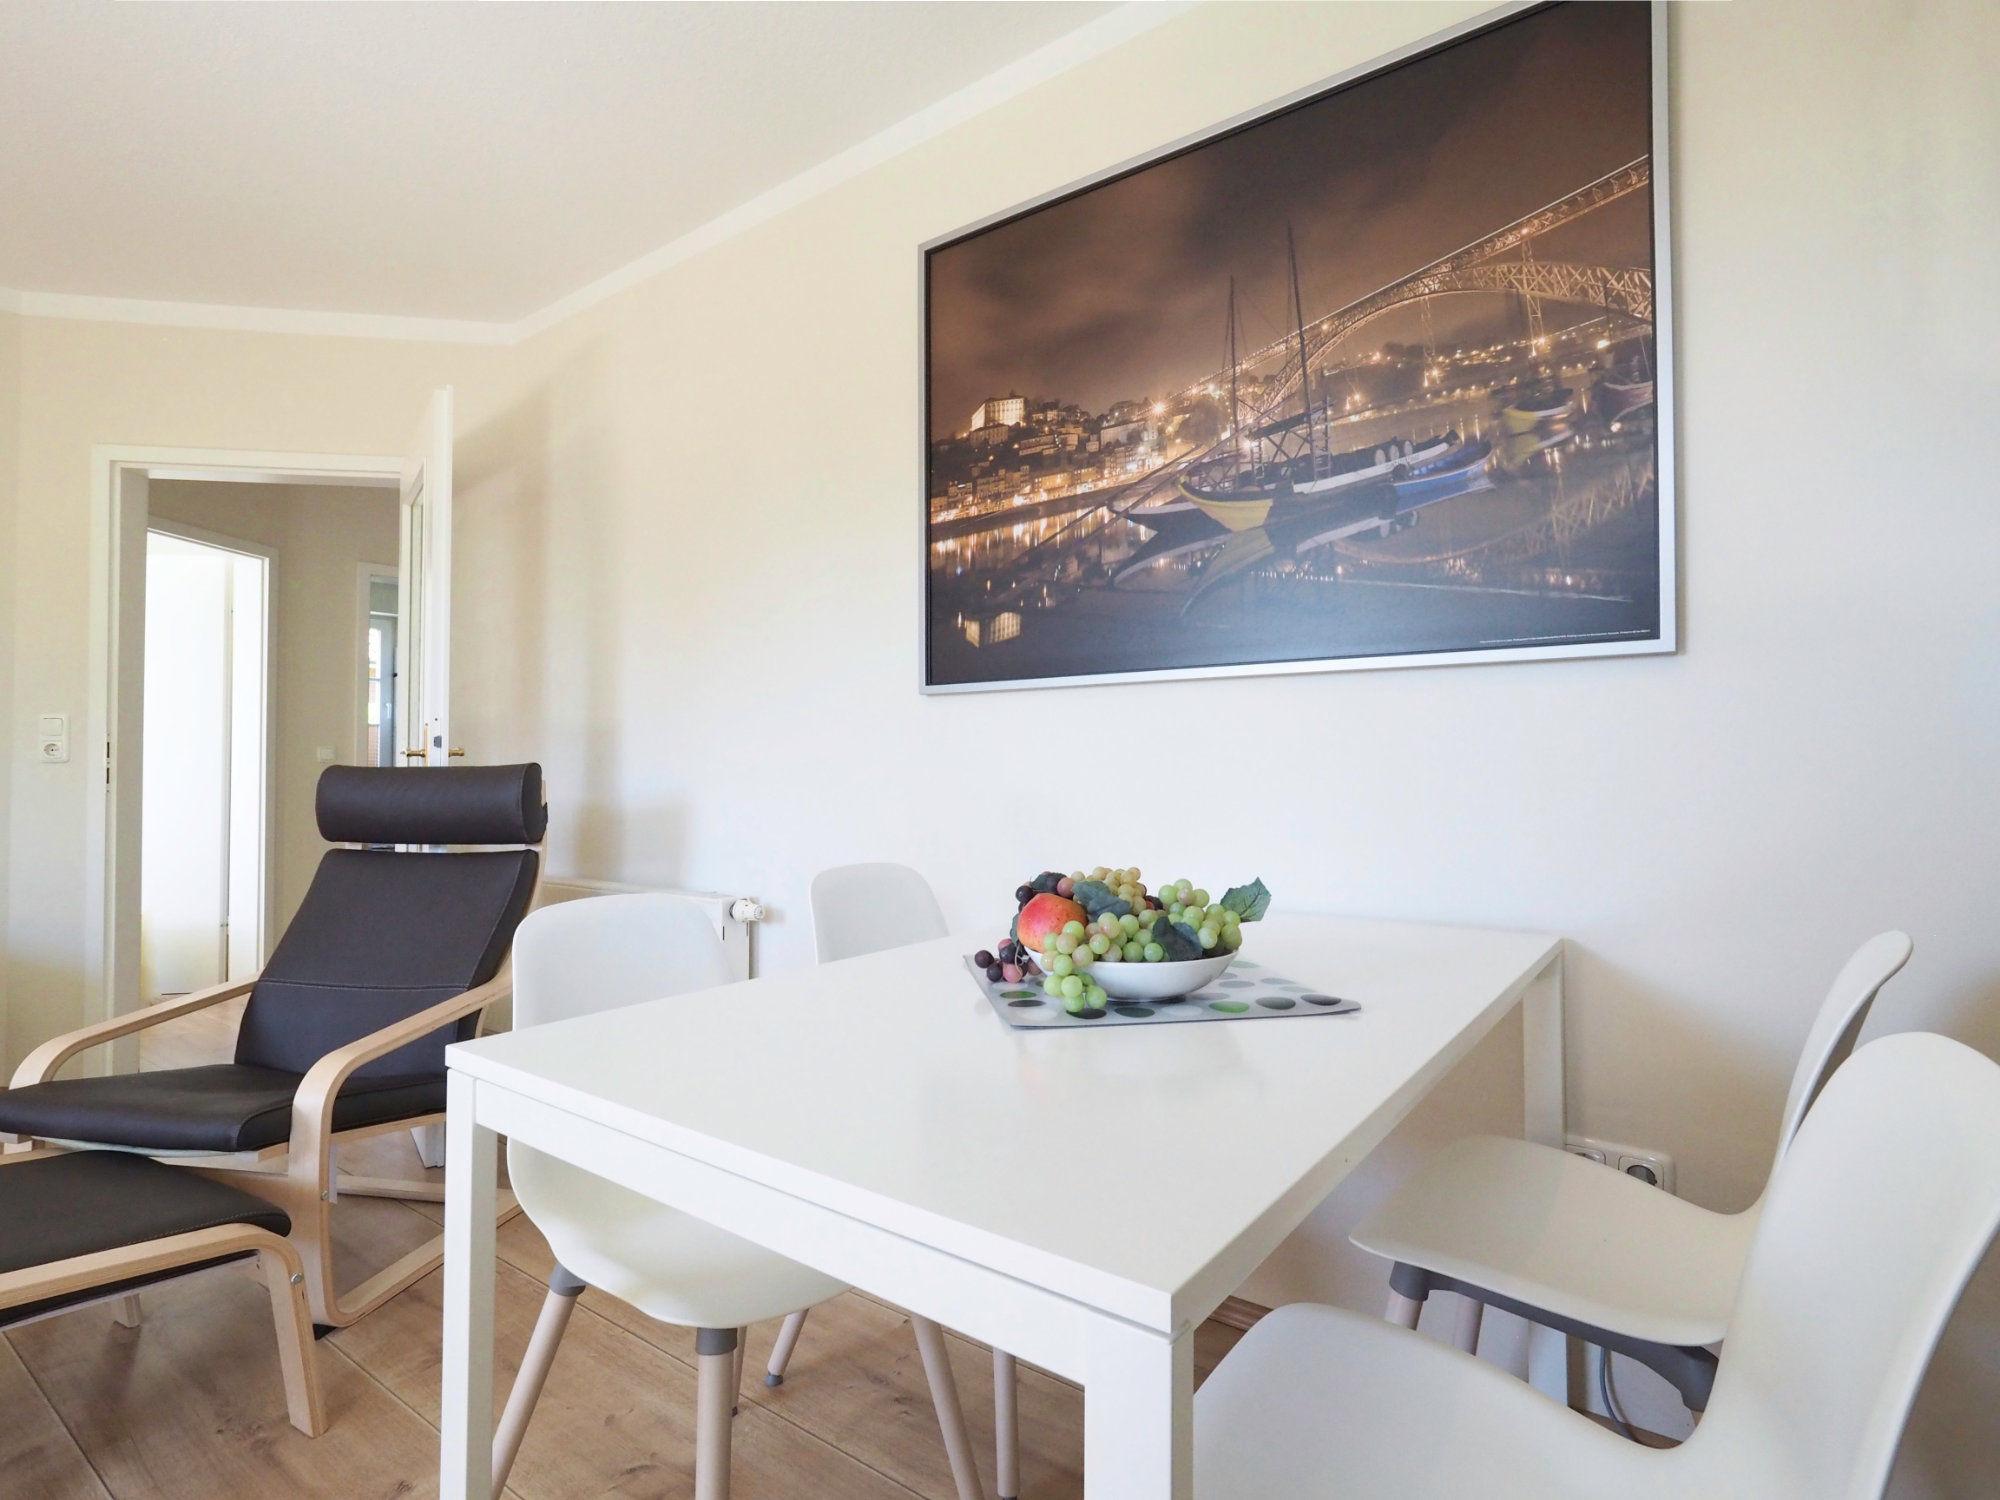 Esstisch mit 4 Stühlen und großem Bild